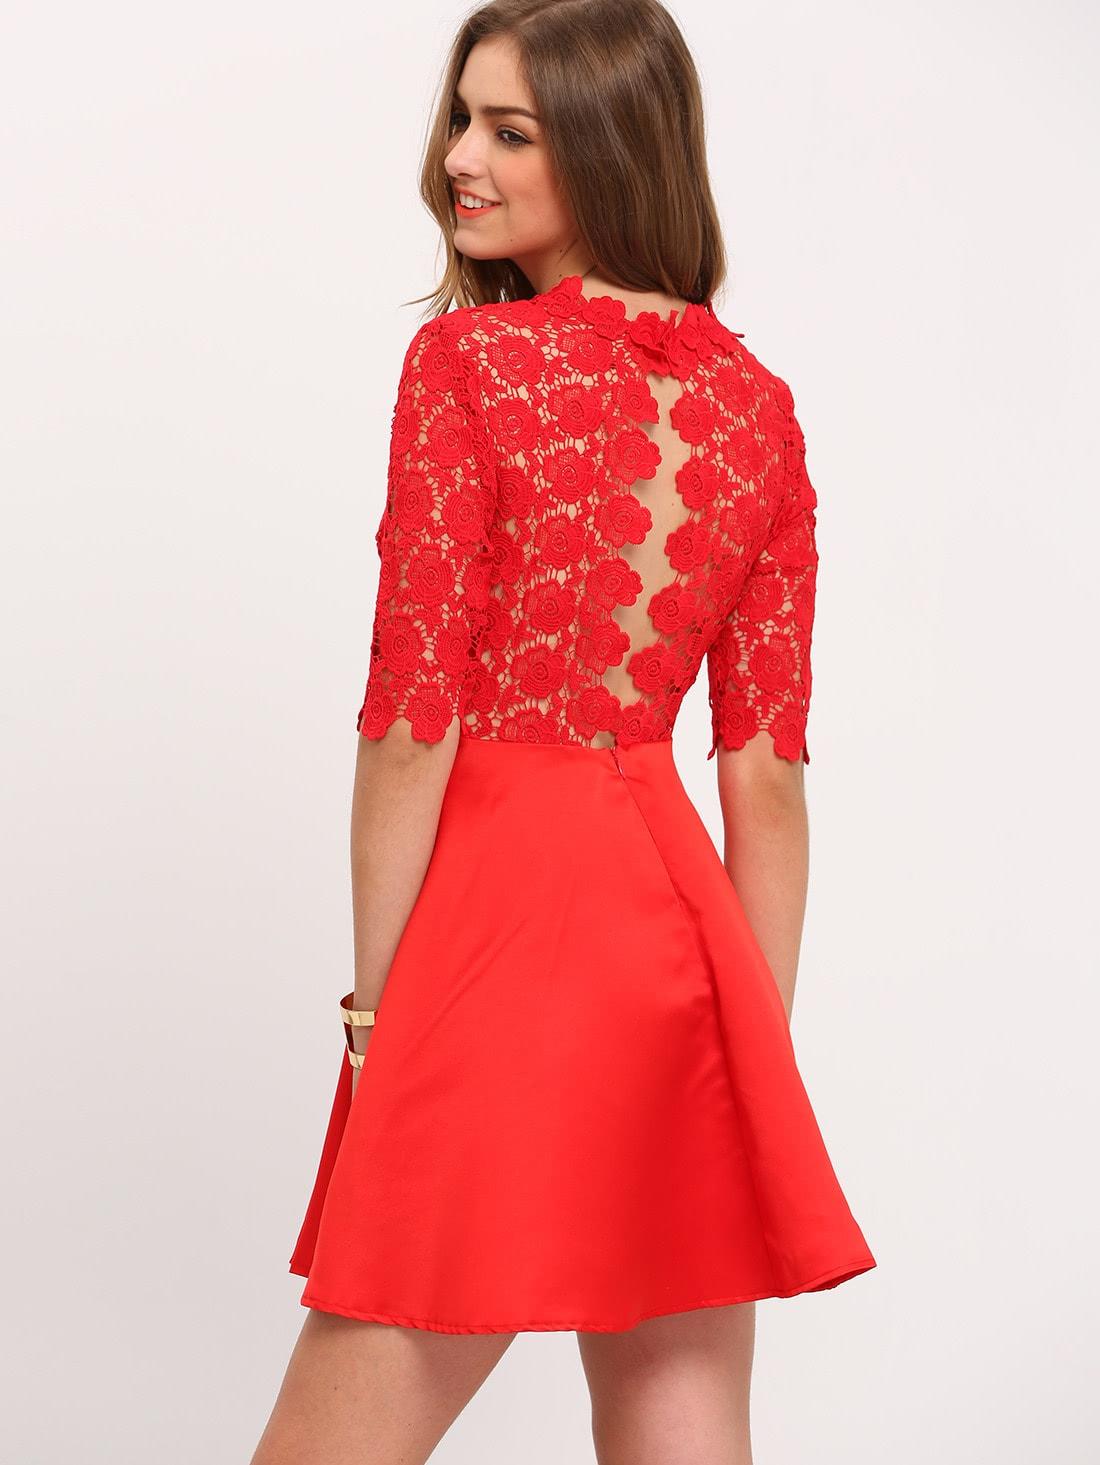 ccffe5f7d6c Robe rouge dentelle courte robe femme avec dentelle